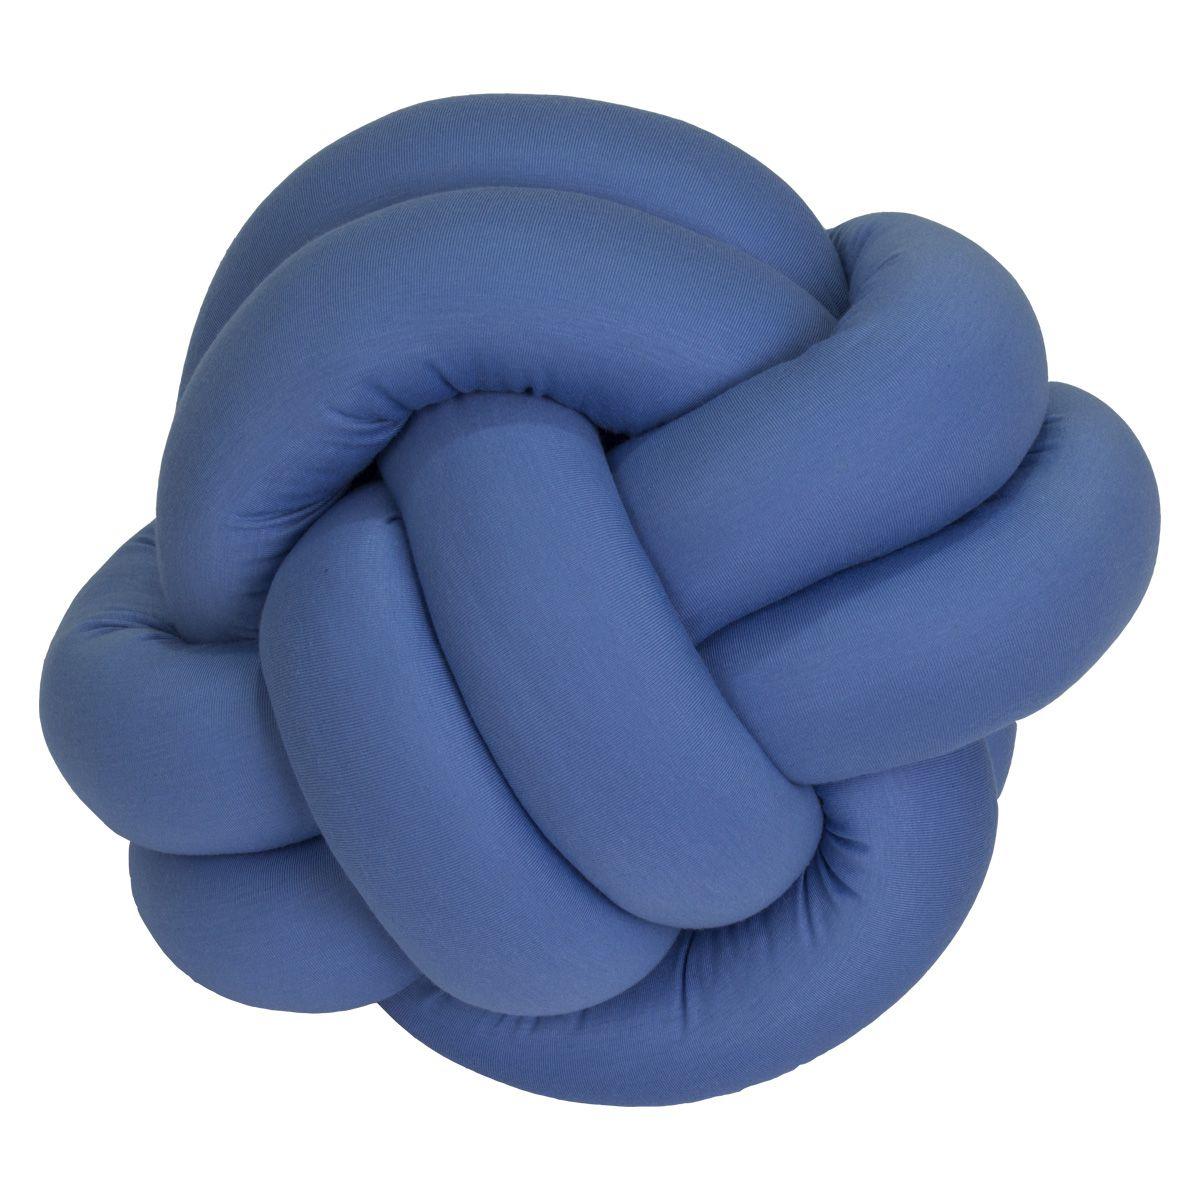 Almofada Nó Azul Cobalto P